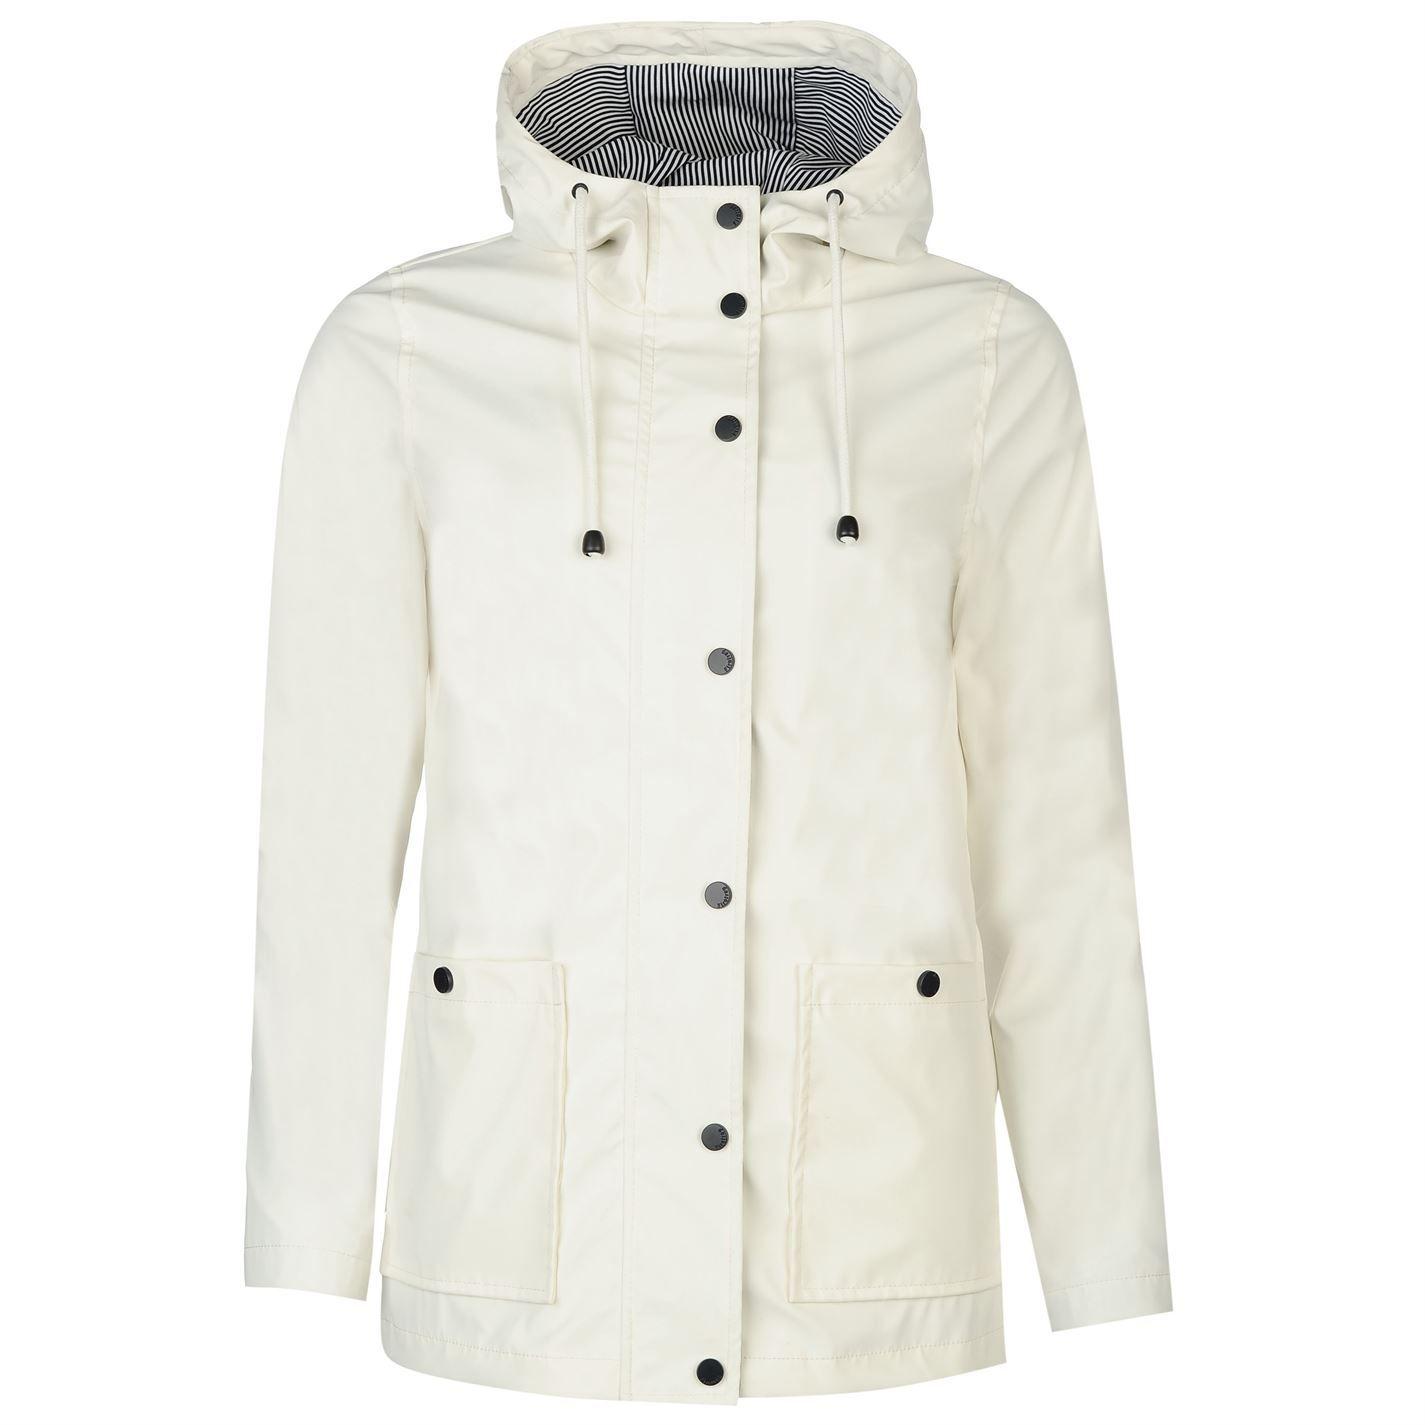 Cheap Mac Coats